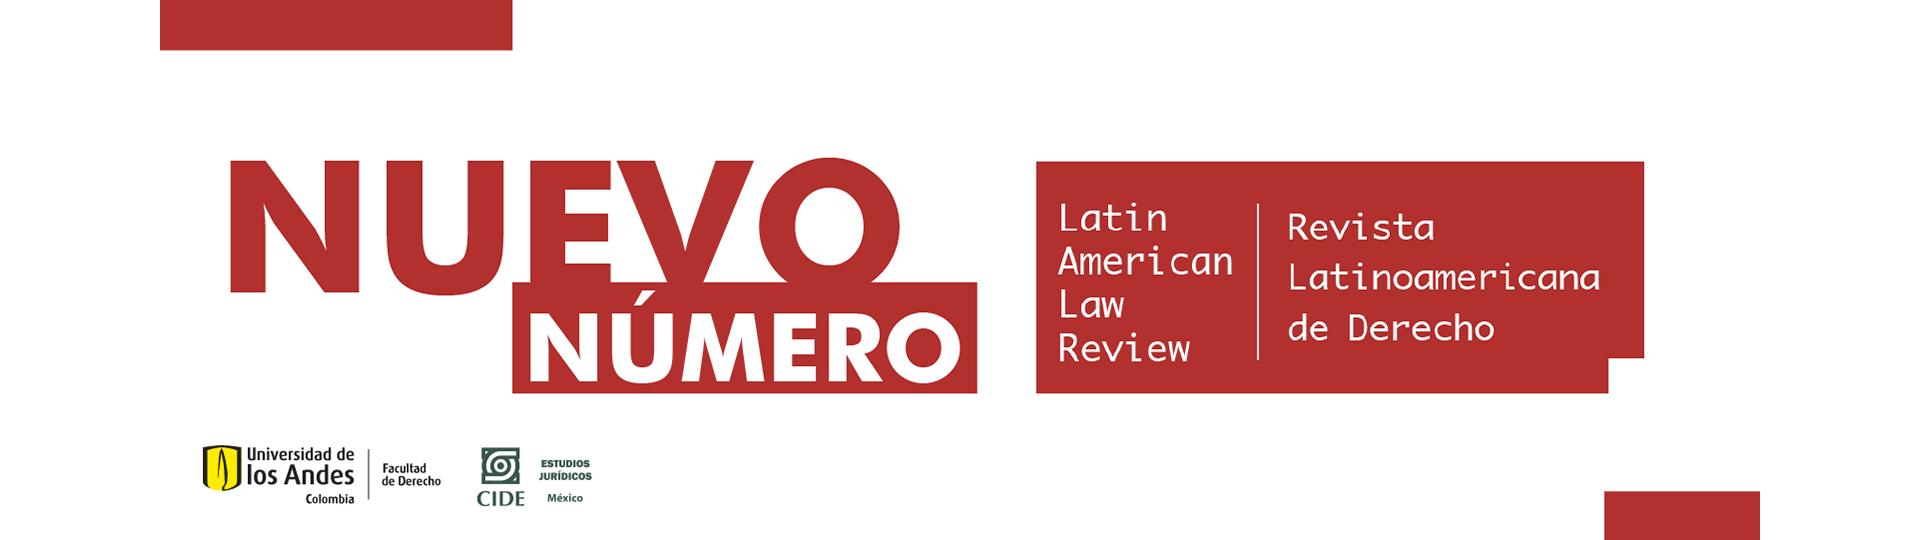 Latin American Law Review – Revista Latinoamericana de Derecho nuevo número